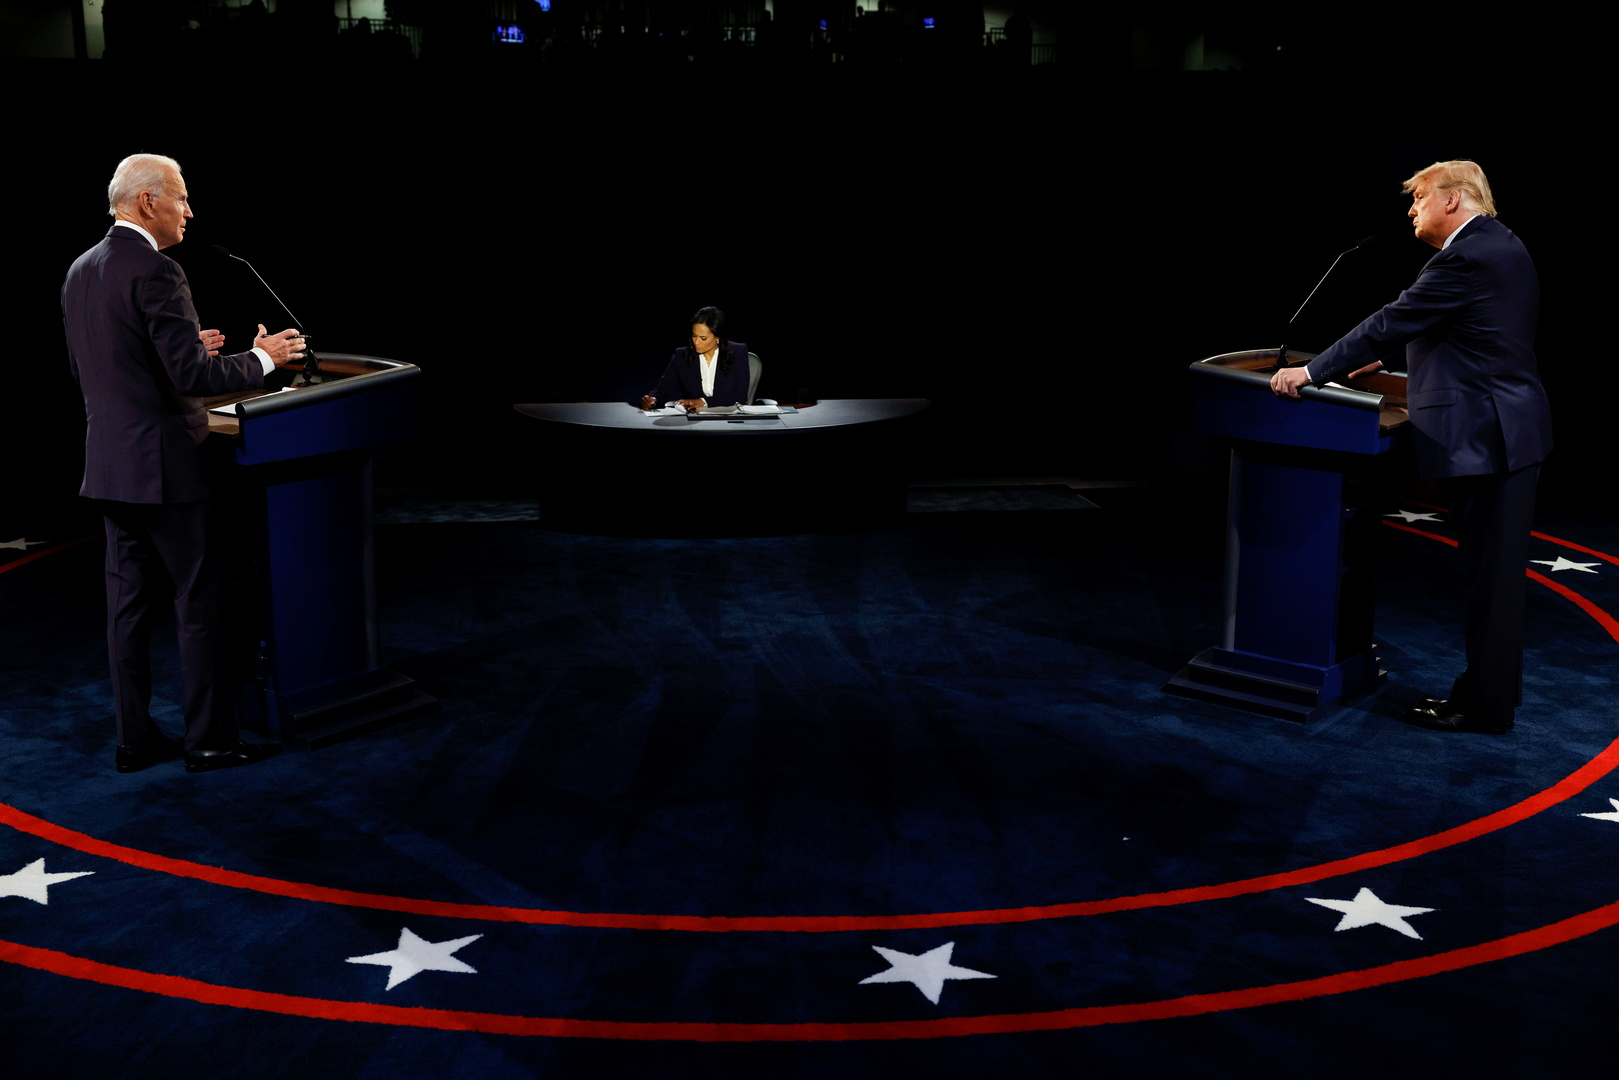 الديمقراطي جو بايدن متحدثا إلى منافسه الجمهوري دونالد ترامب في آخر مناظرة انتخابية.